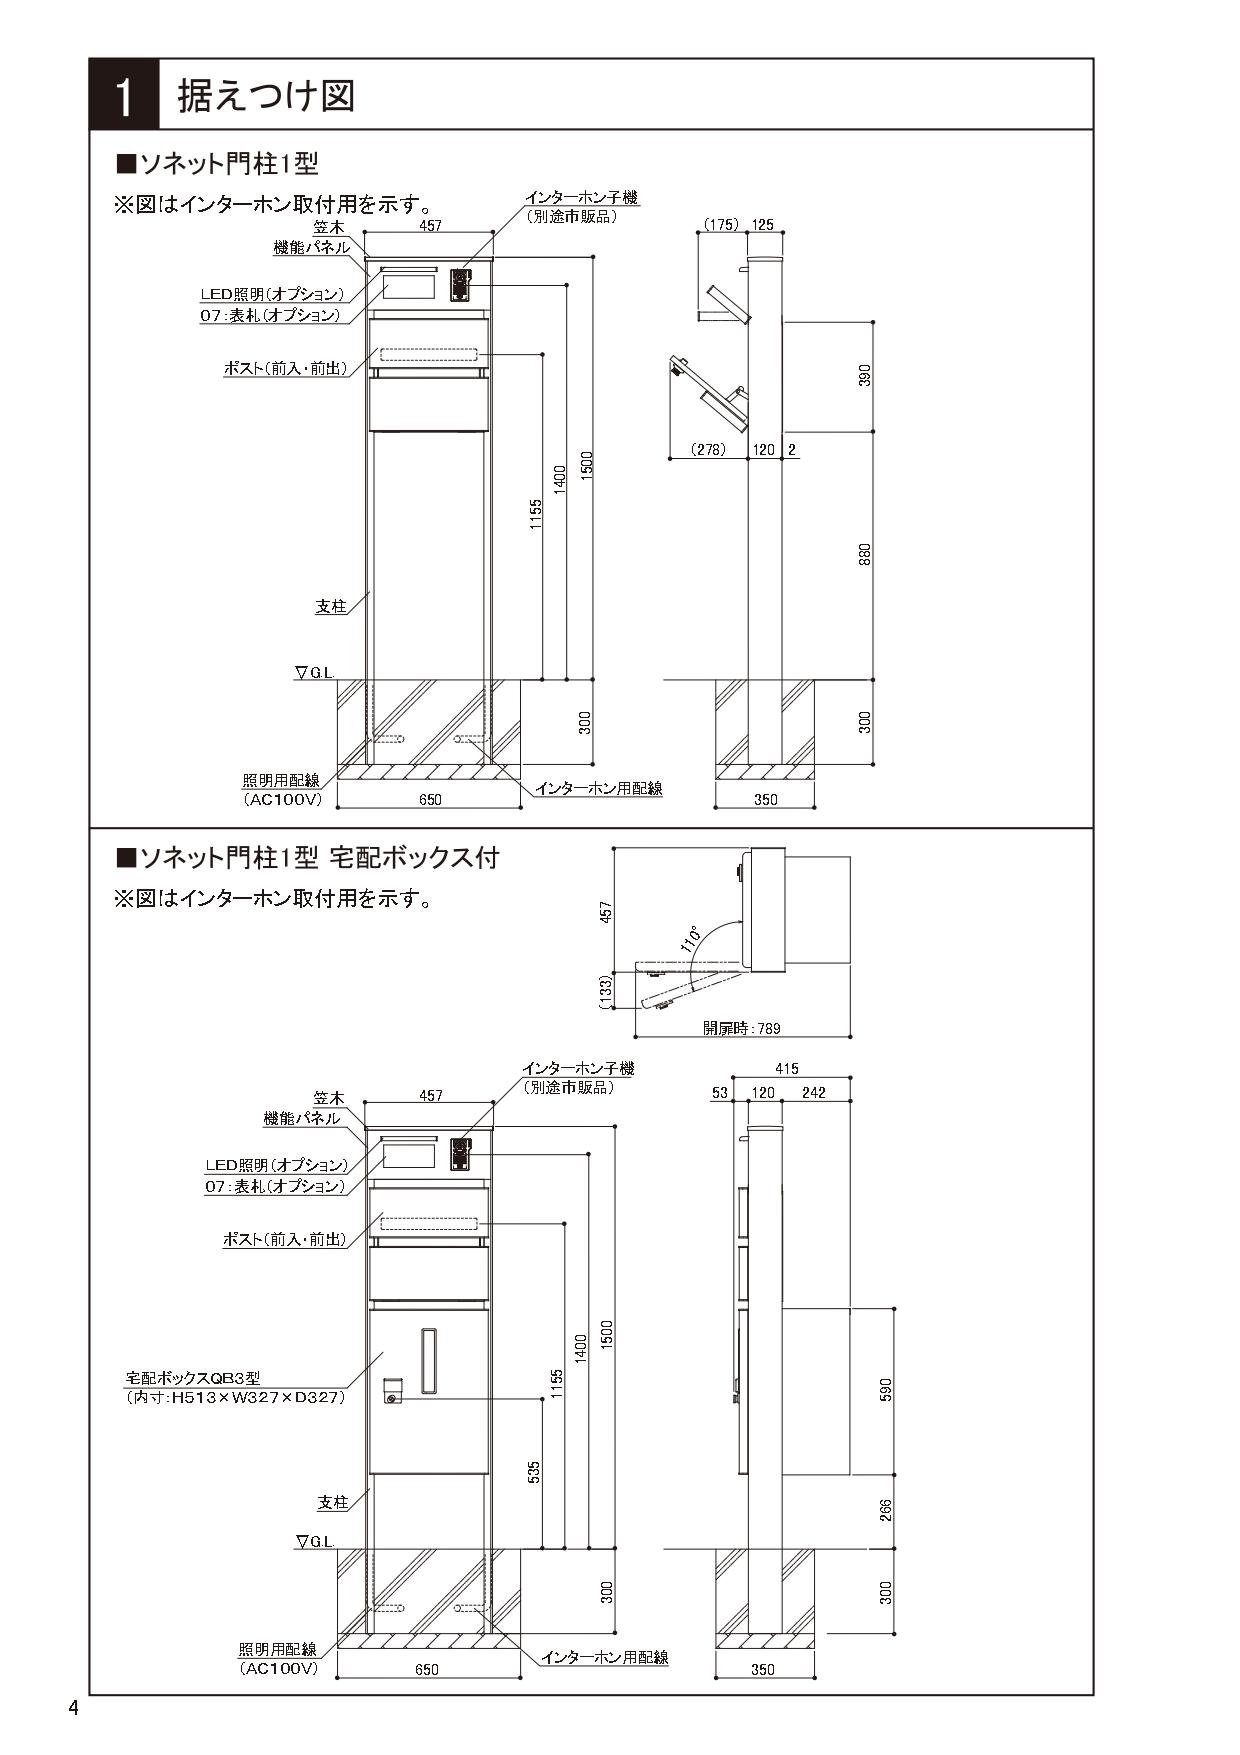 ソネット門柱1型 施工説明書_page-0004